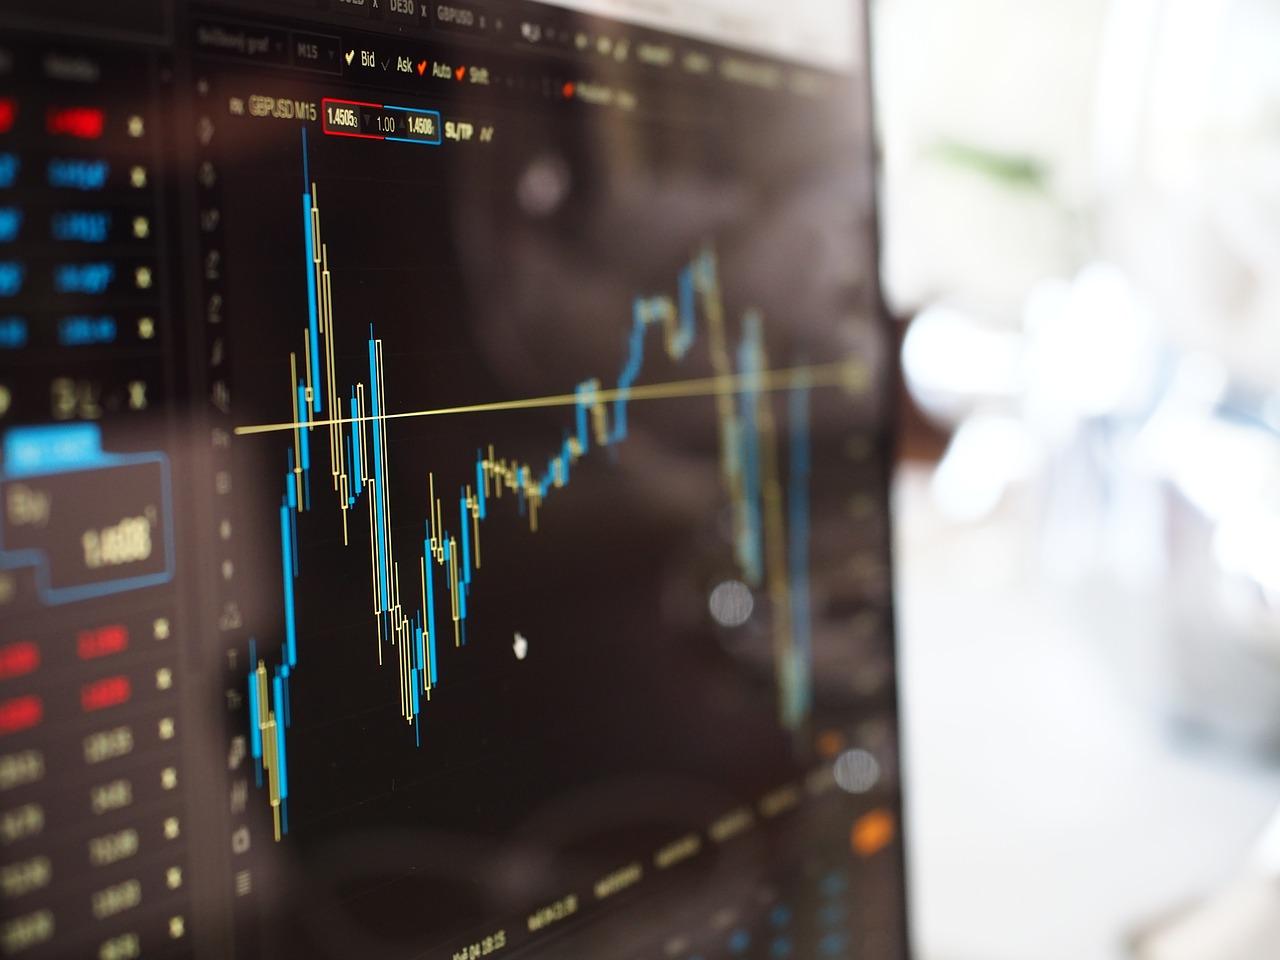 Börsen, Börser, börsutveckling, stockholmsbörsen